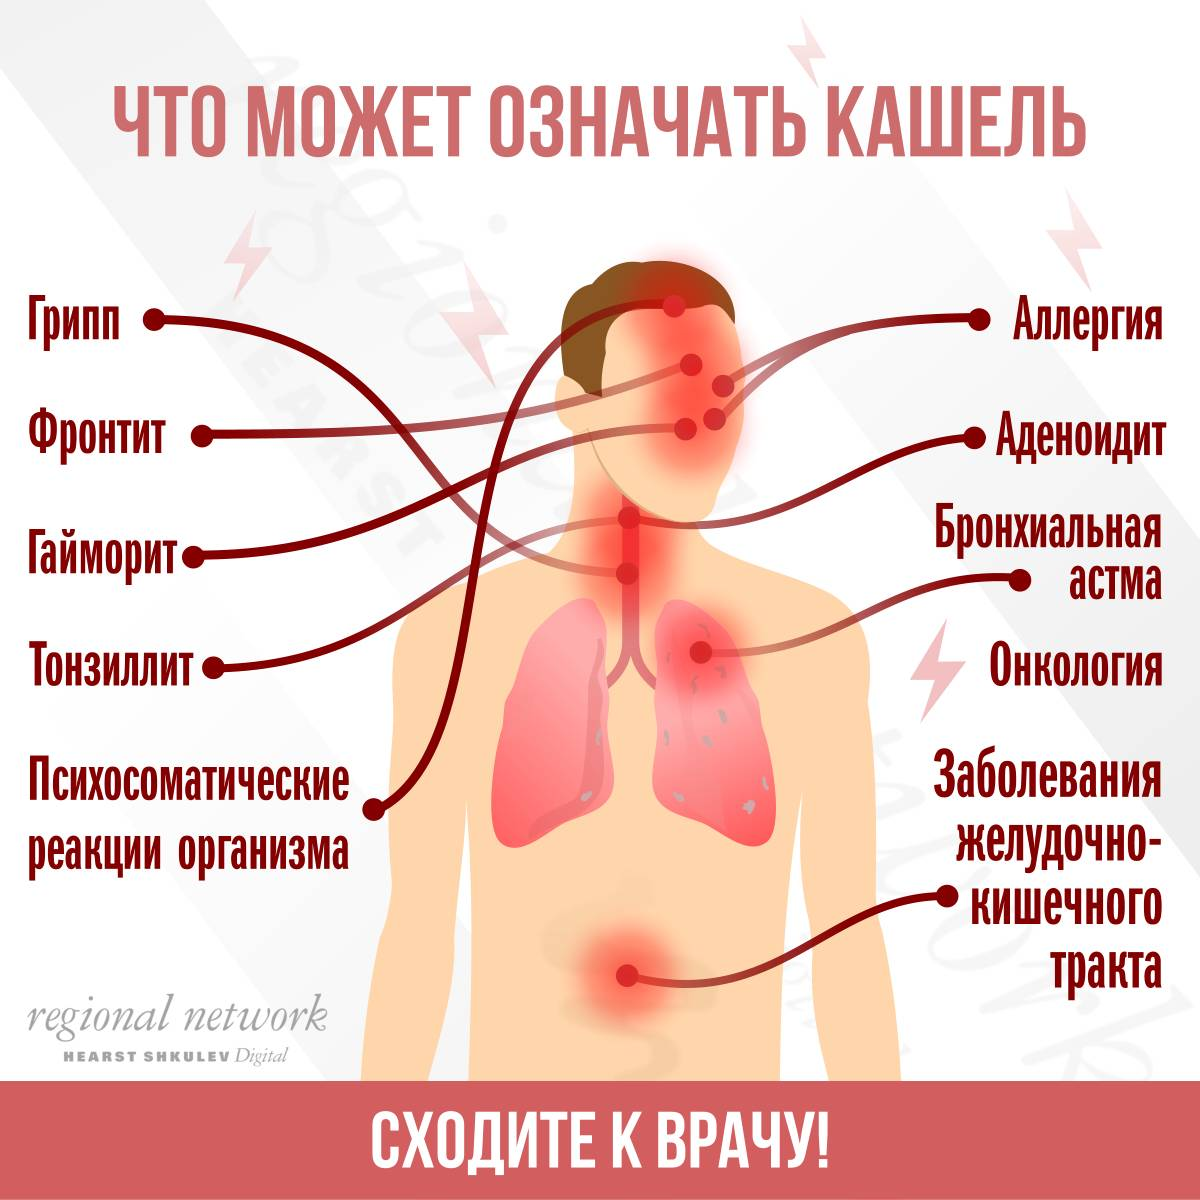 продолжительный сухой кашель